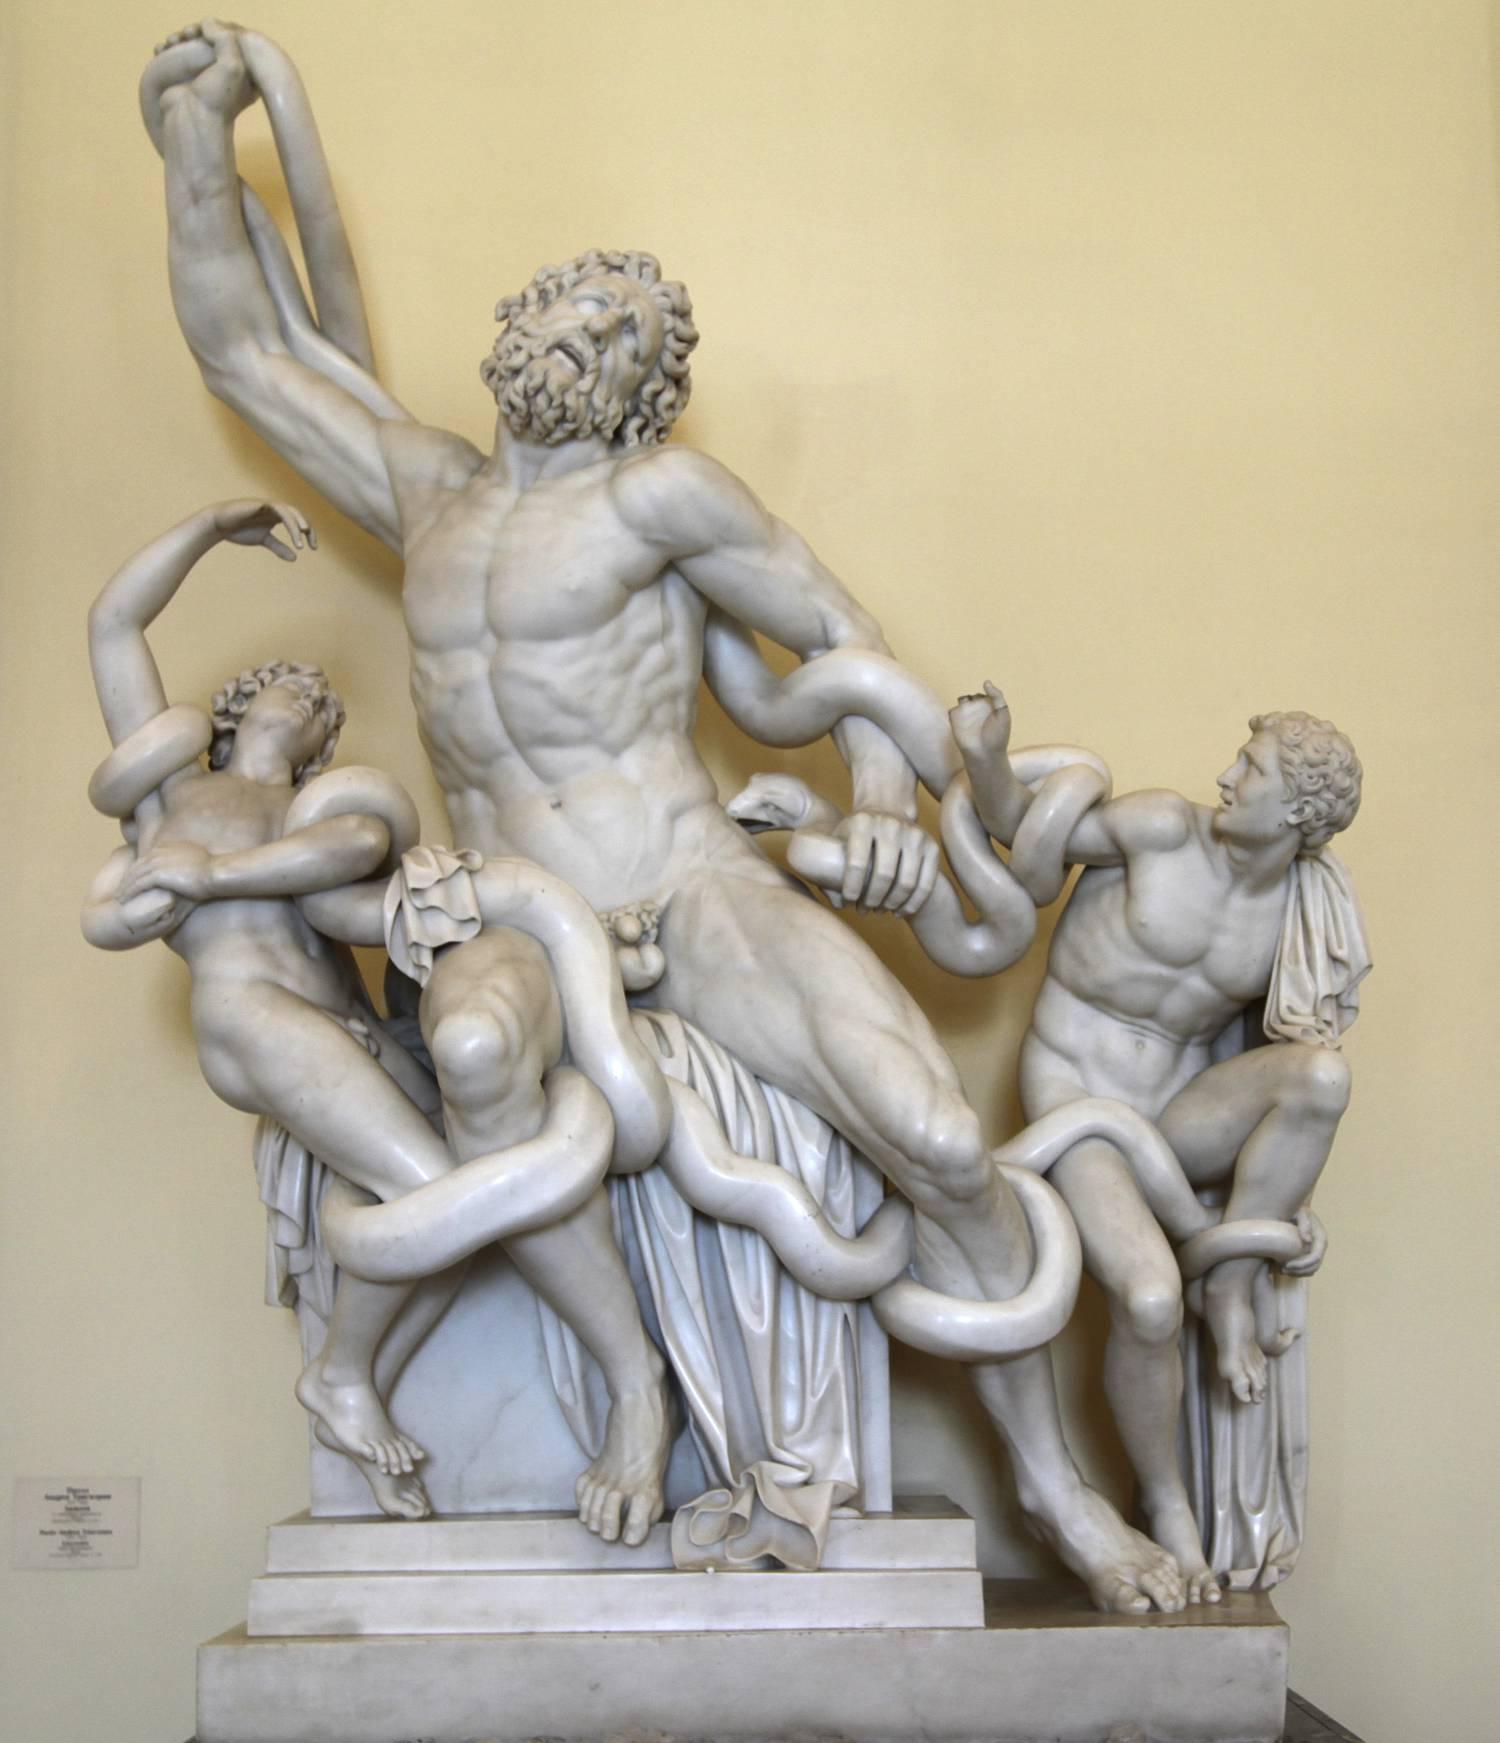 miért vannak a szobrok kicsi péniszekkel